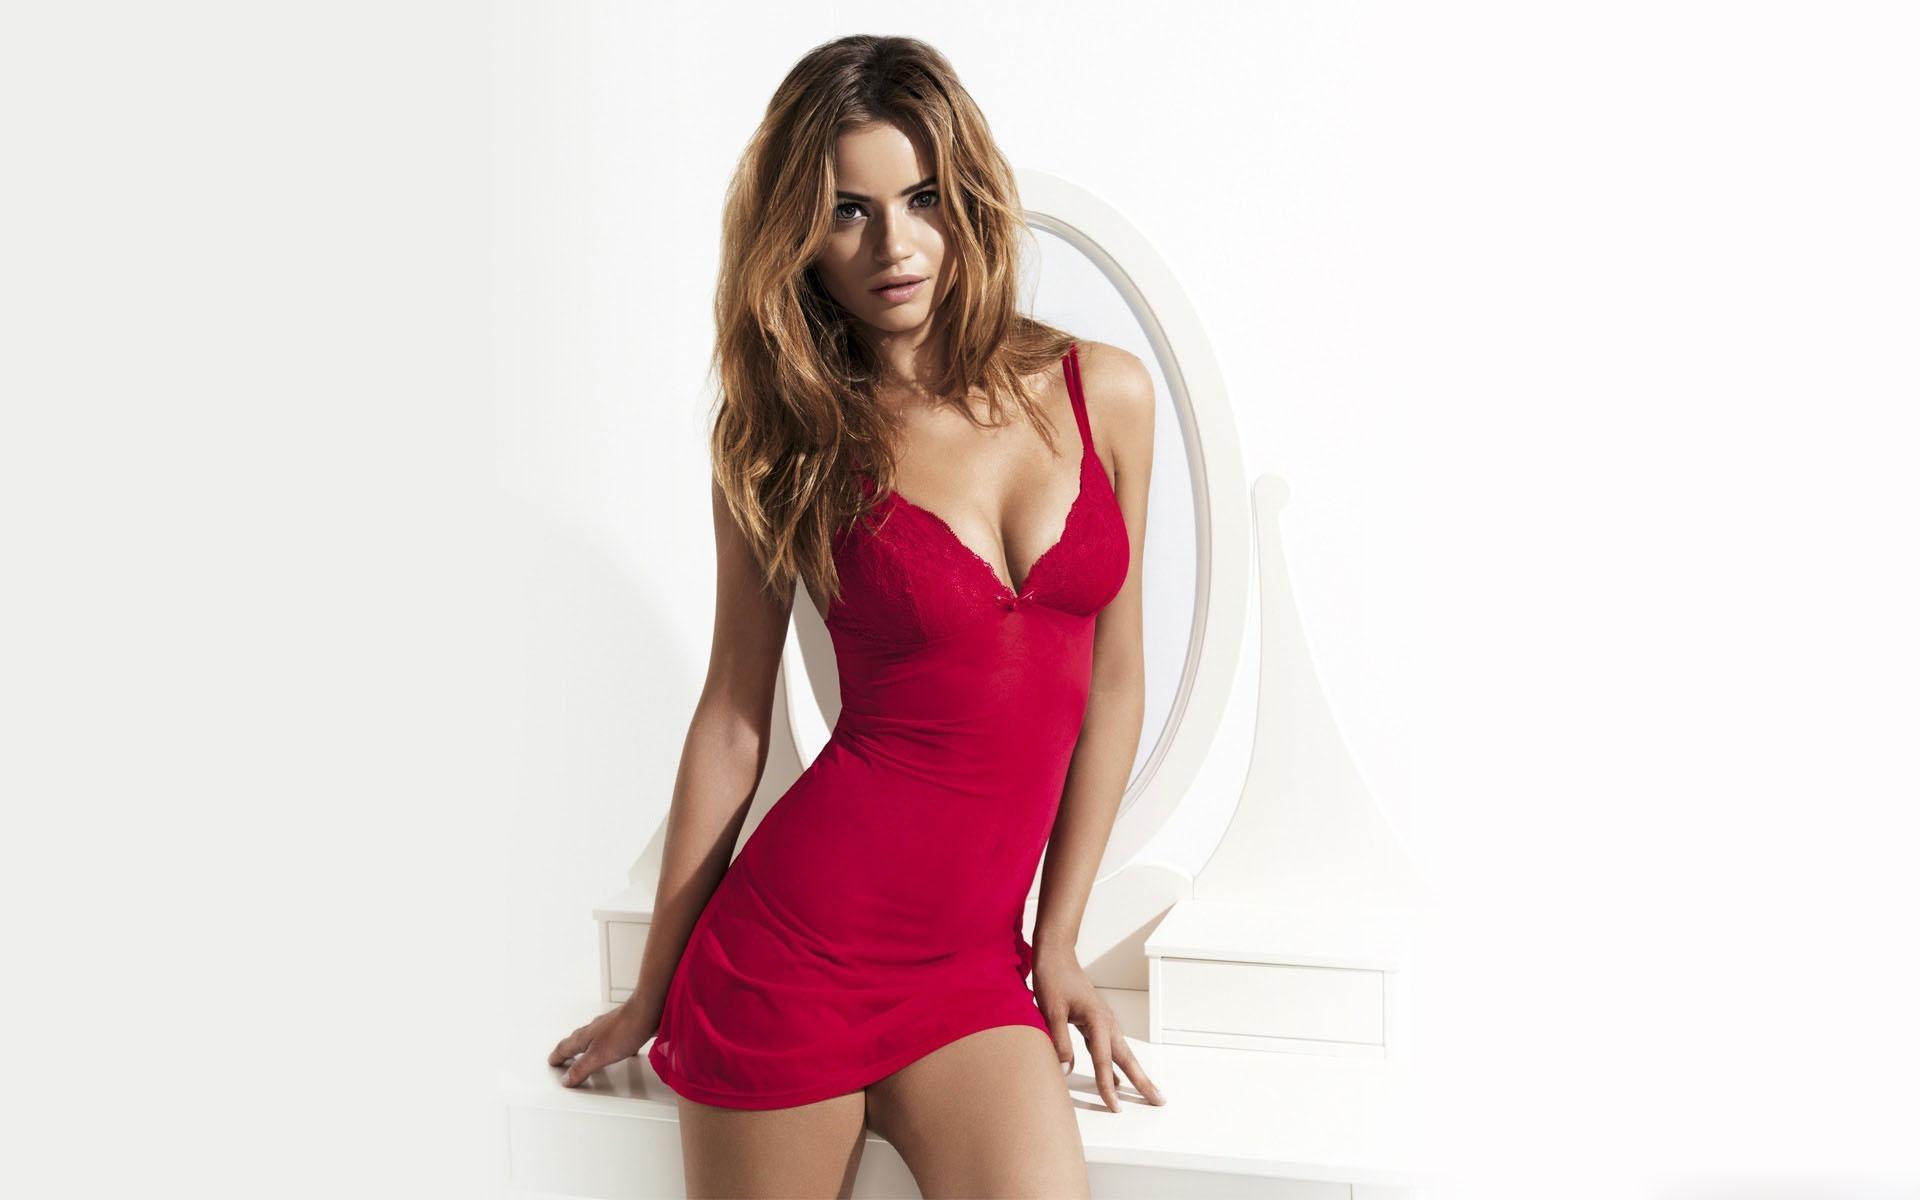 Красивая девушка в коротком платье фото 785-959